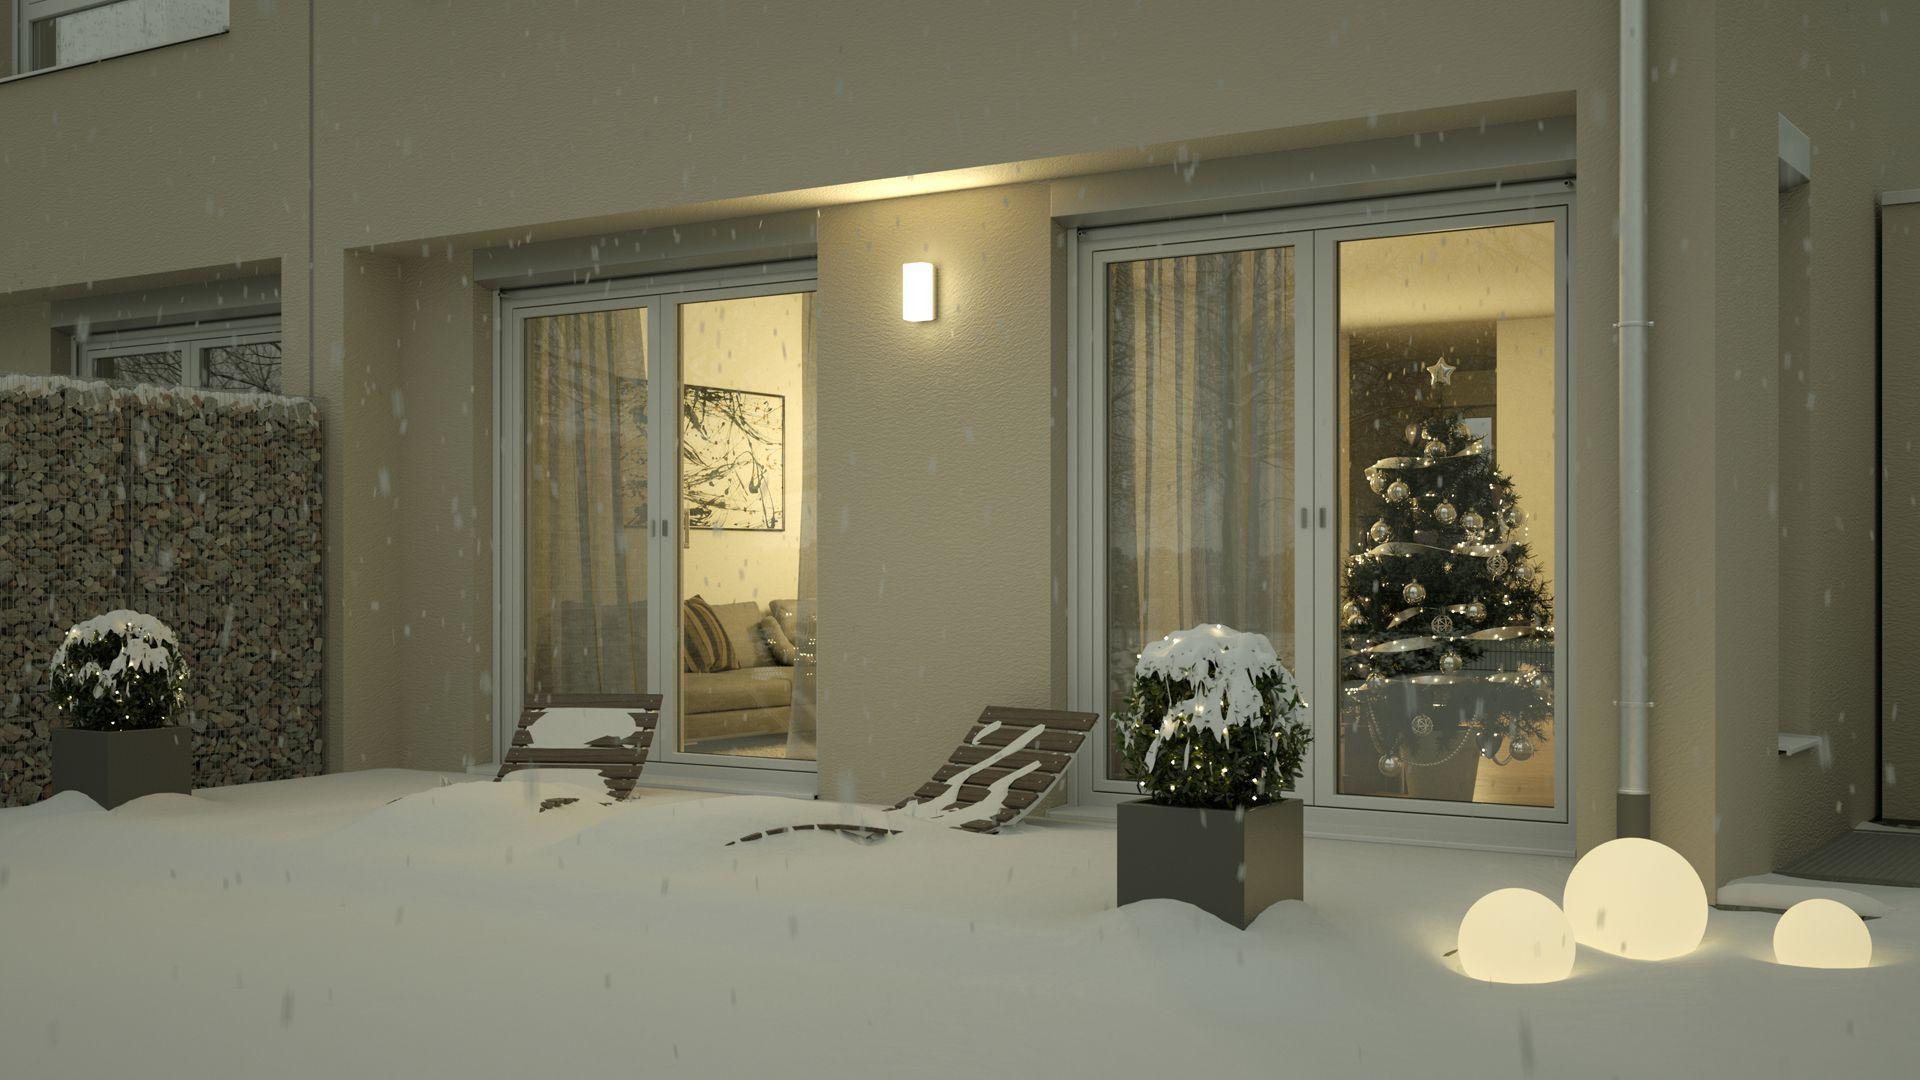 Visualisierung Weihnachtsbild - Winterbild Blick in Wohnzimmer